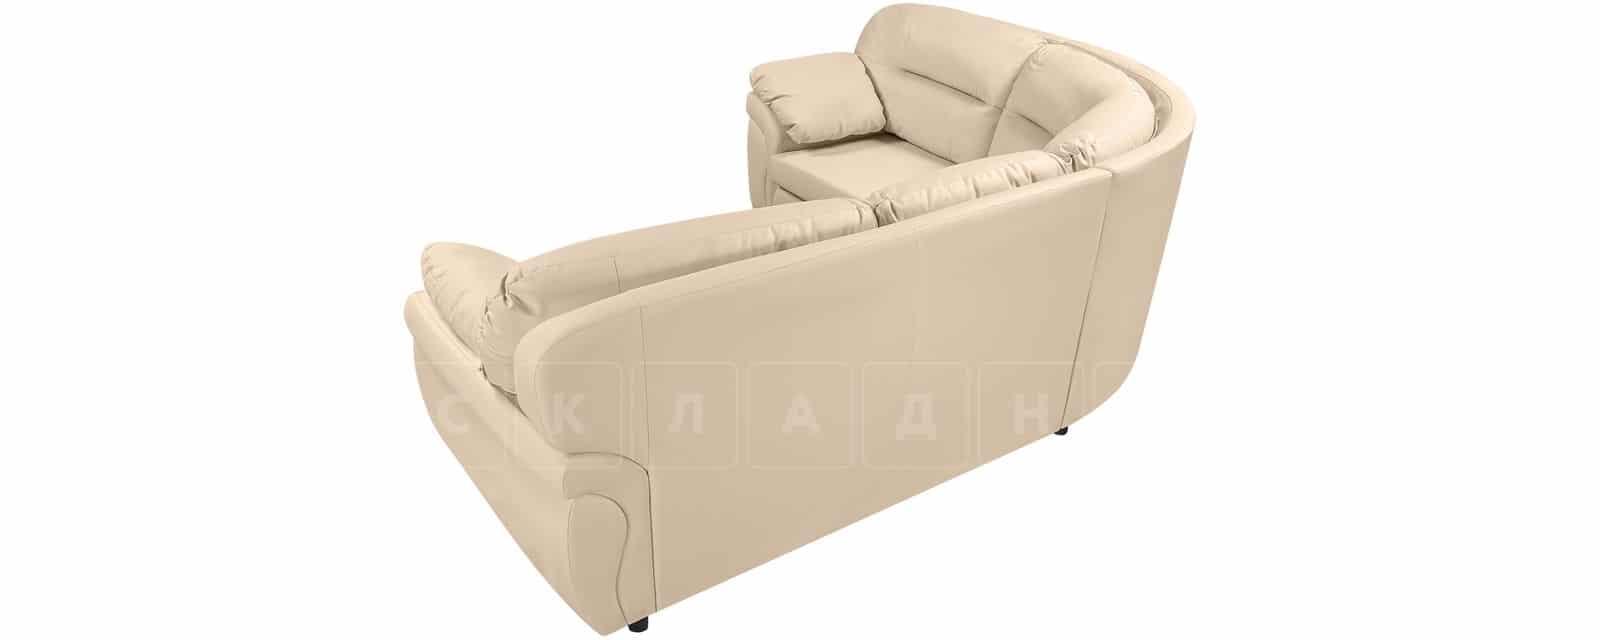 Диван угловой Бристоль кожаный бежевого цвета левый угол фото 3   интернет-магазин Складно